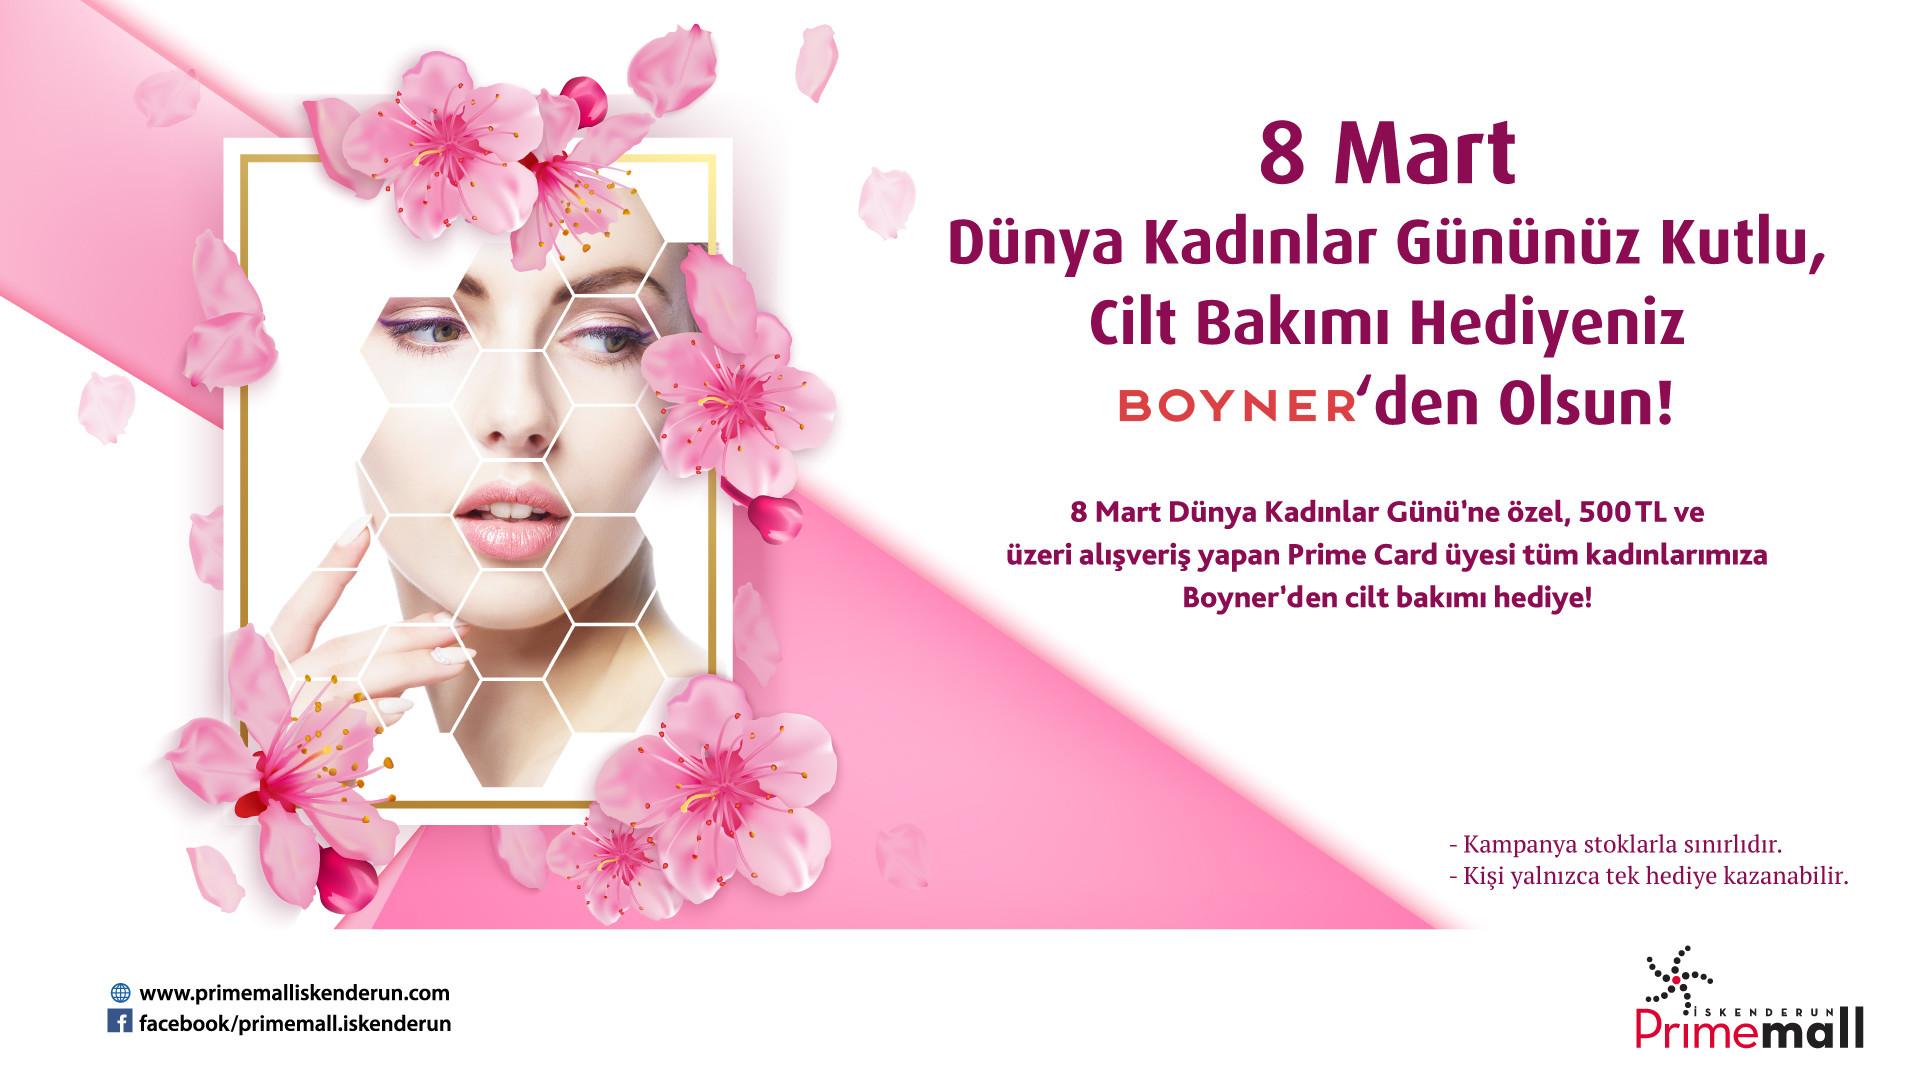 8 Mart Dünya Kadınlar Gününüz Kutlu, Cilt Bakımı Hediyeniz Boyner'den Olsun